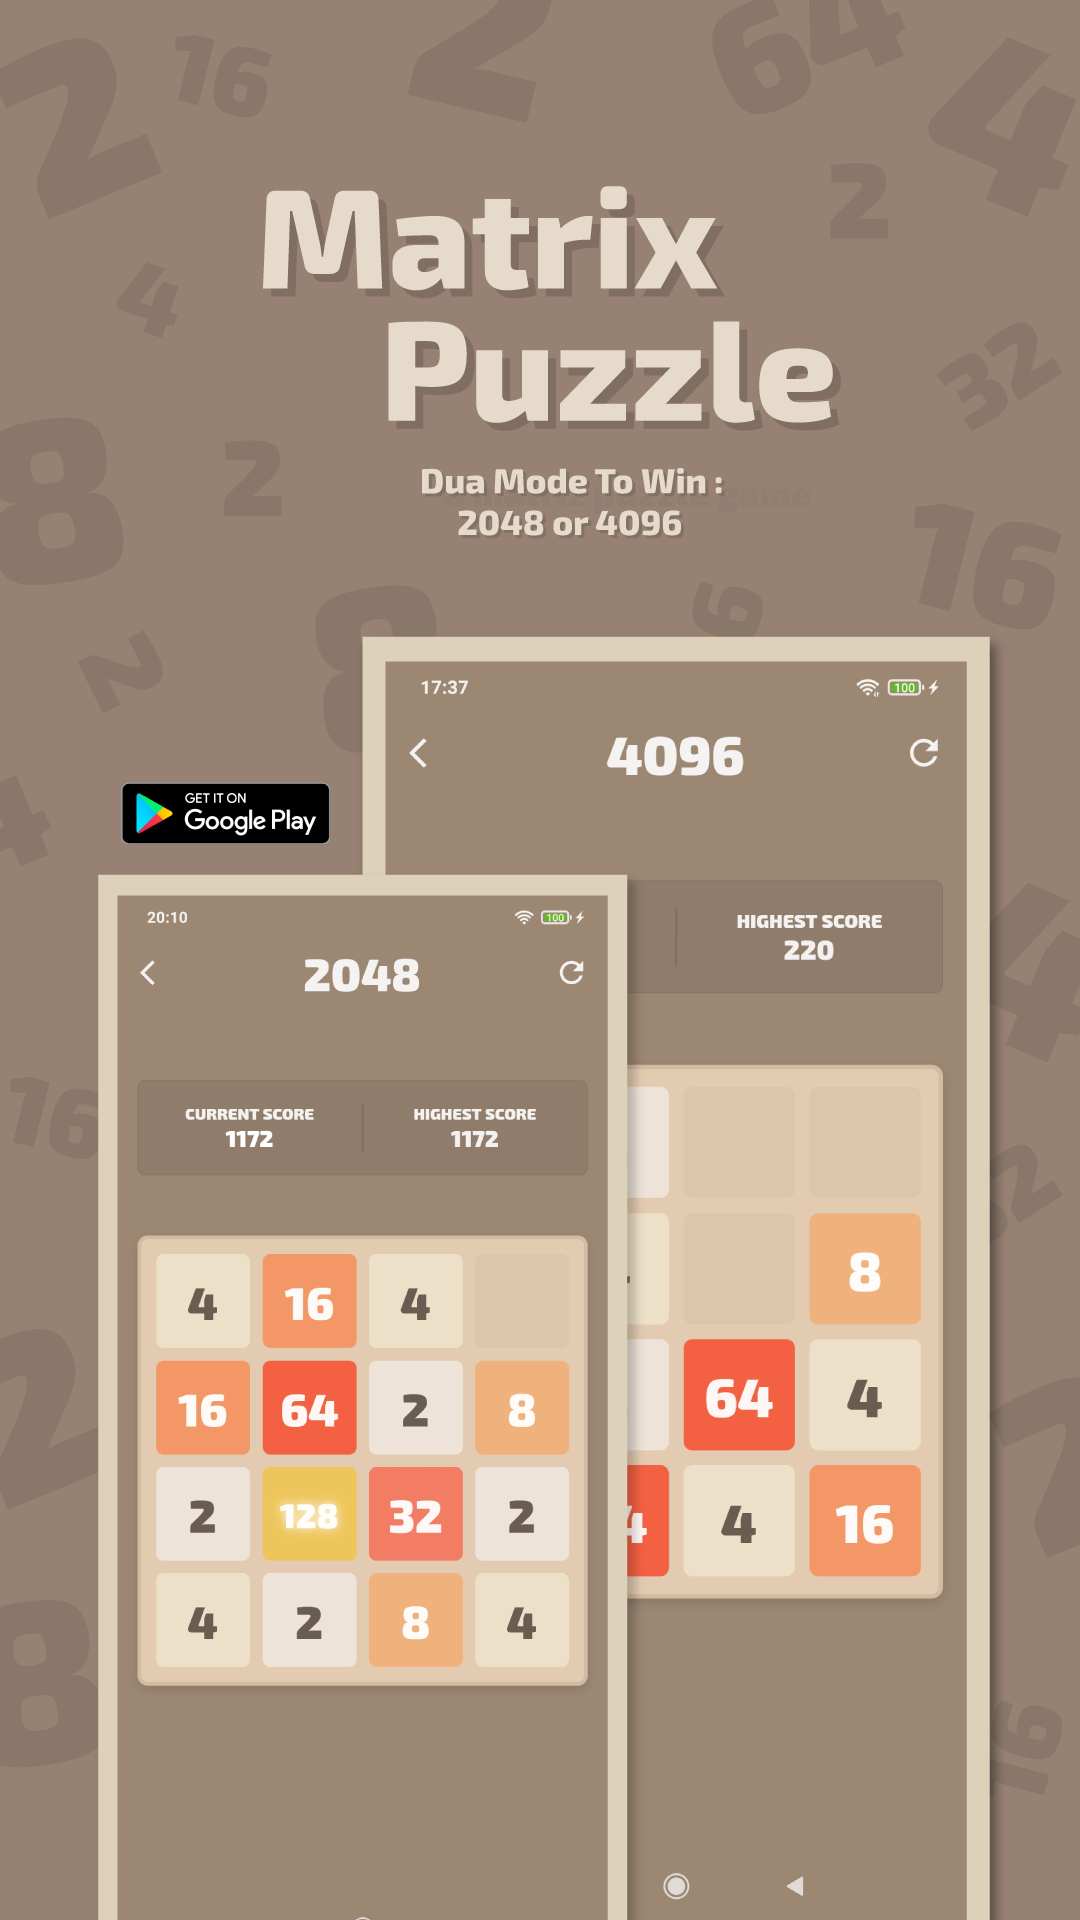 Matrix Puzzle - 2048 Or 4096